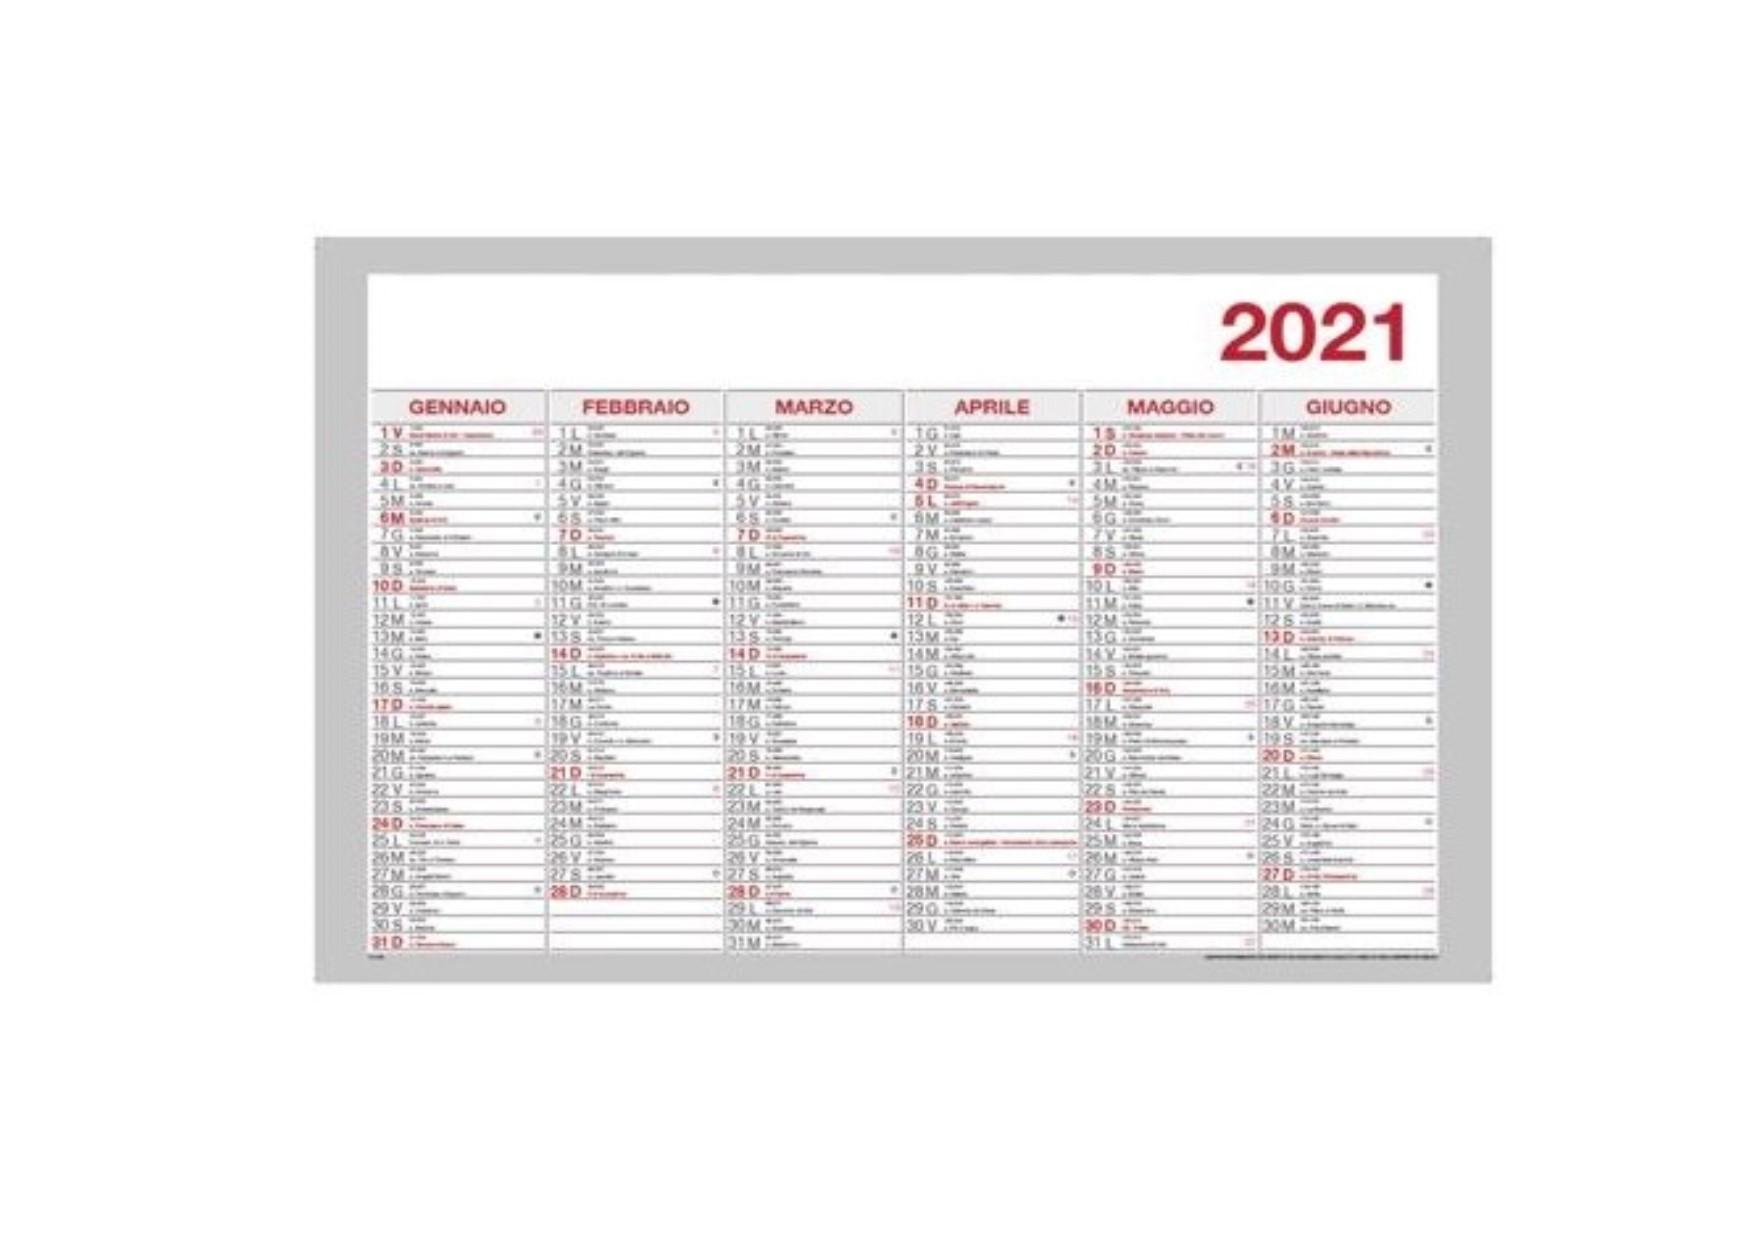 Calendario Semestrale 2021 Stampabile Tabella Calendario Semestrale 2021 cm. 48x33   Carta Shop